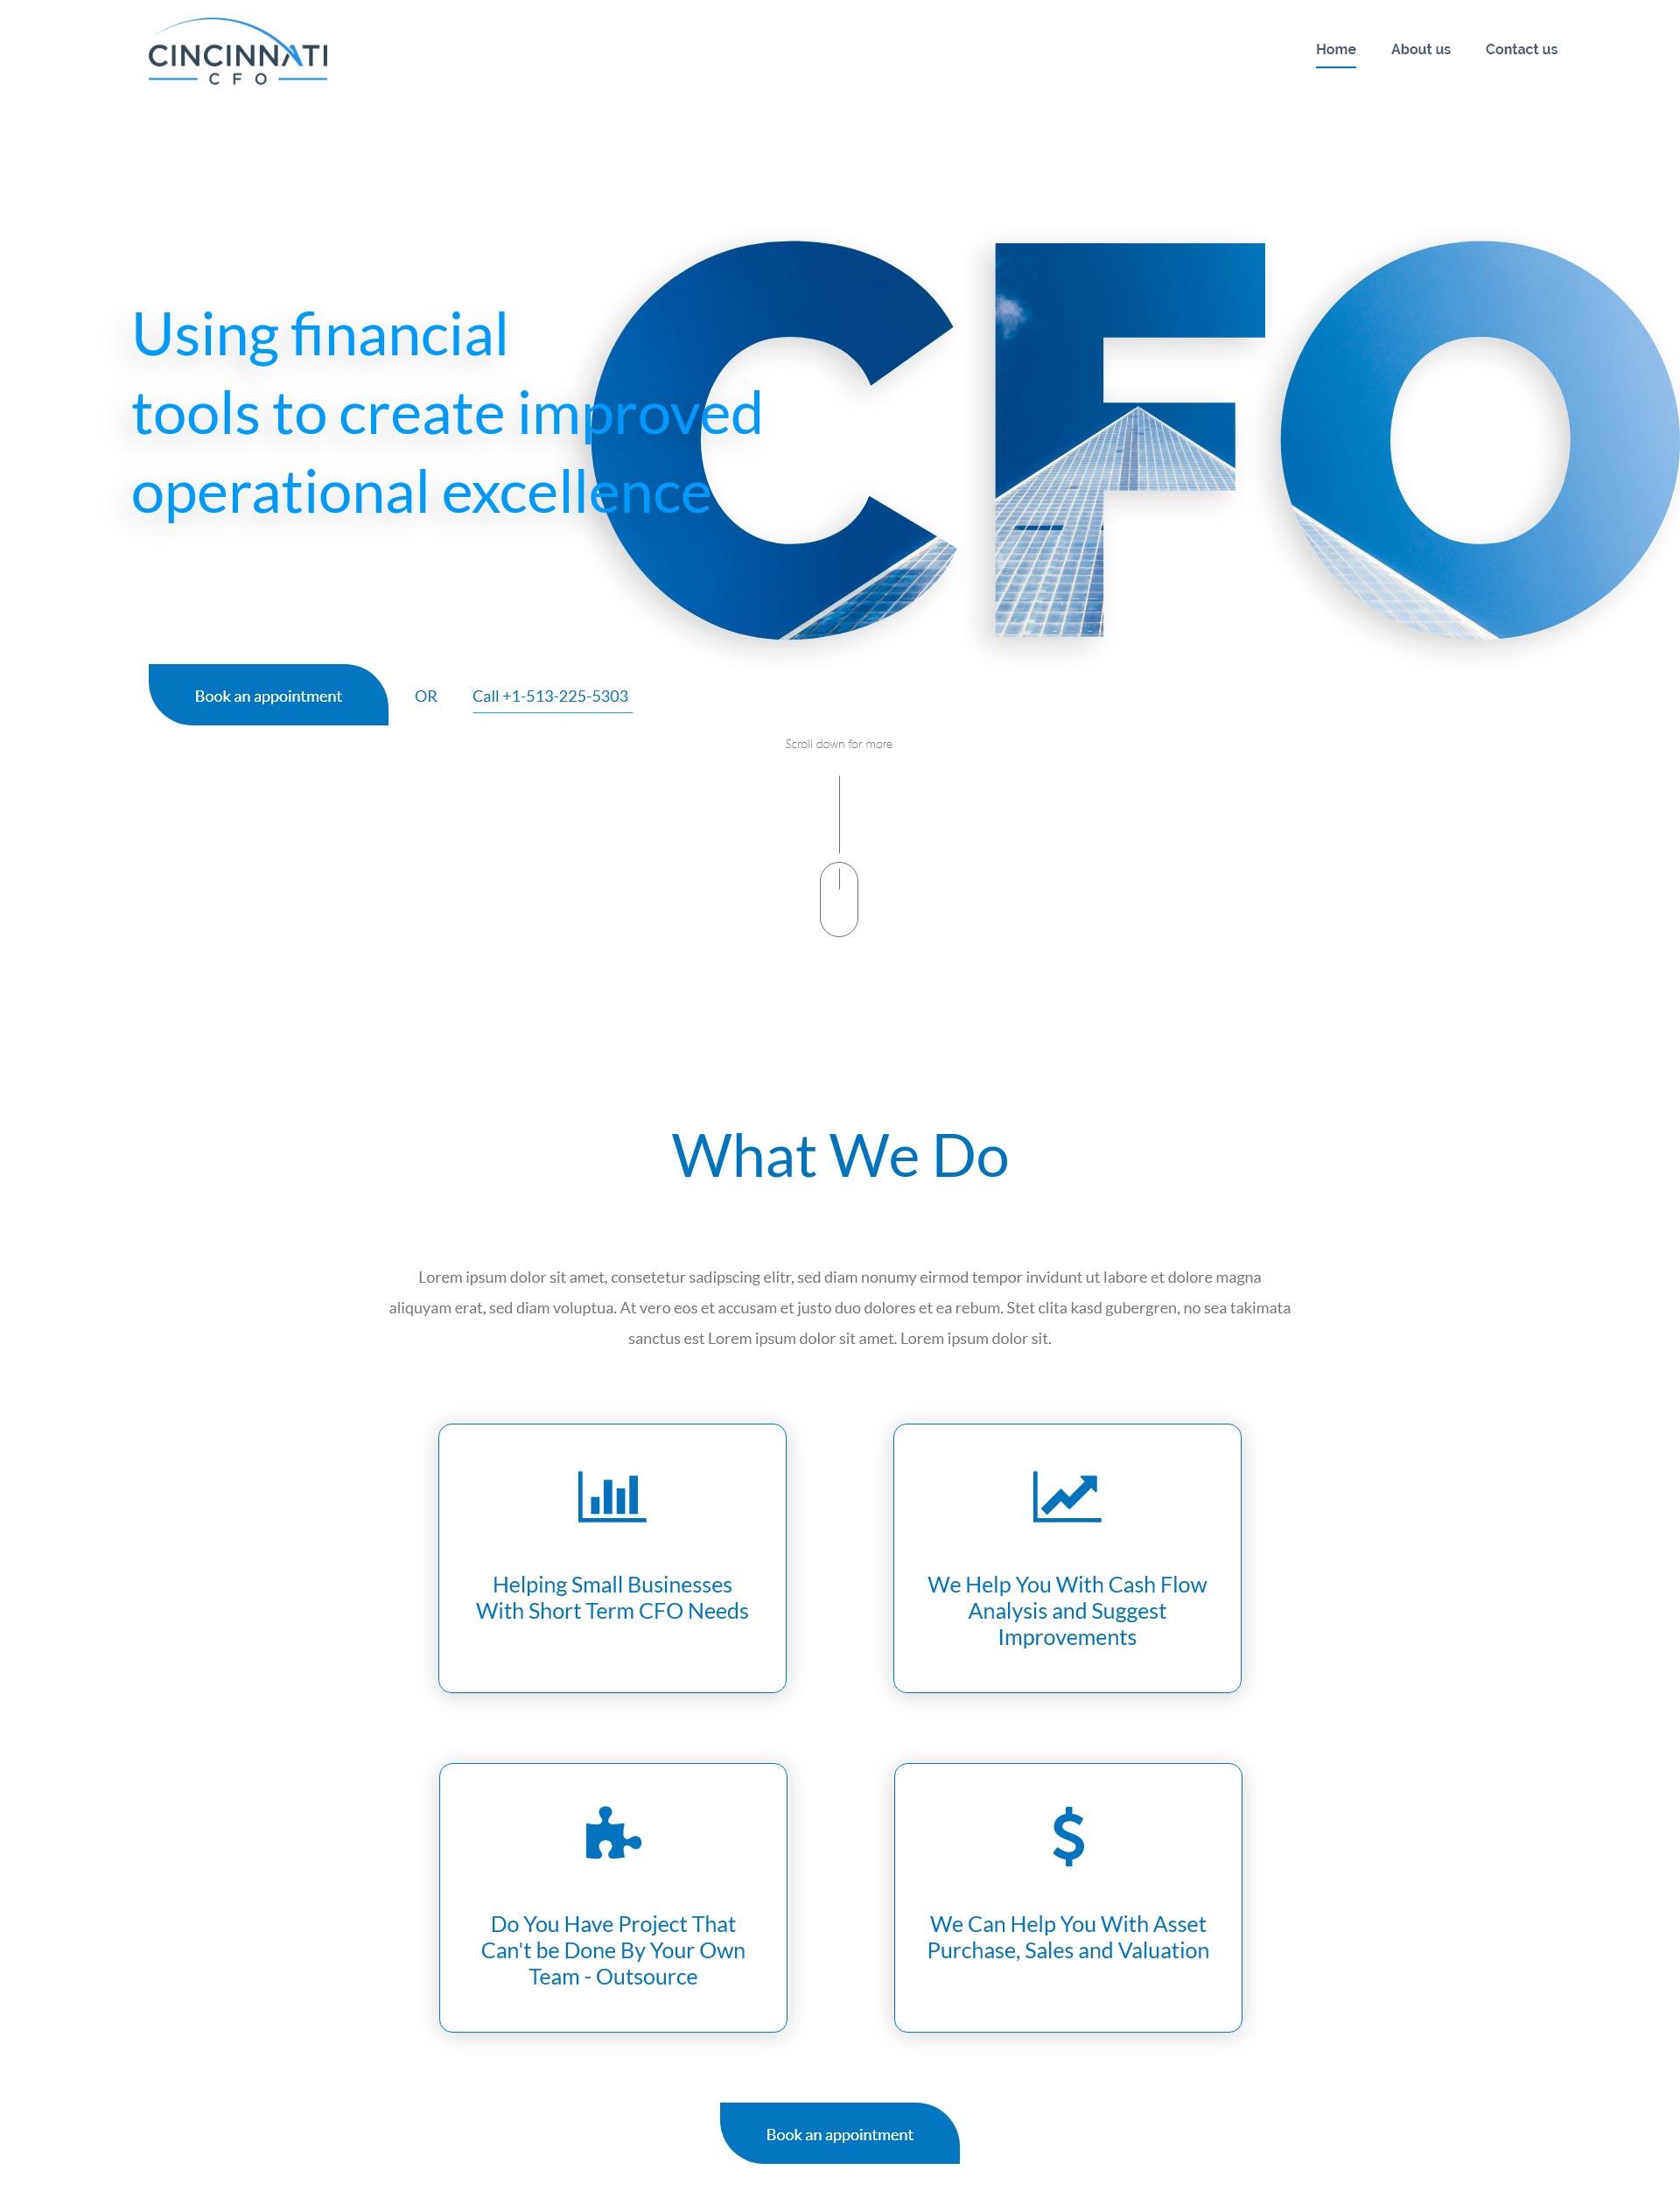 Koncept domače strani za finančne storitve